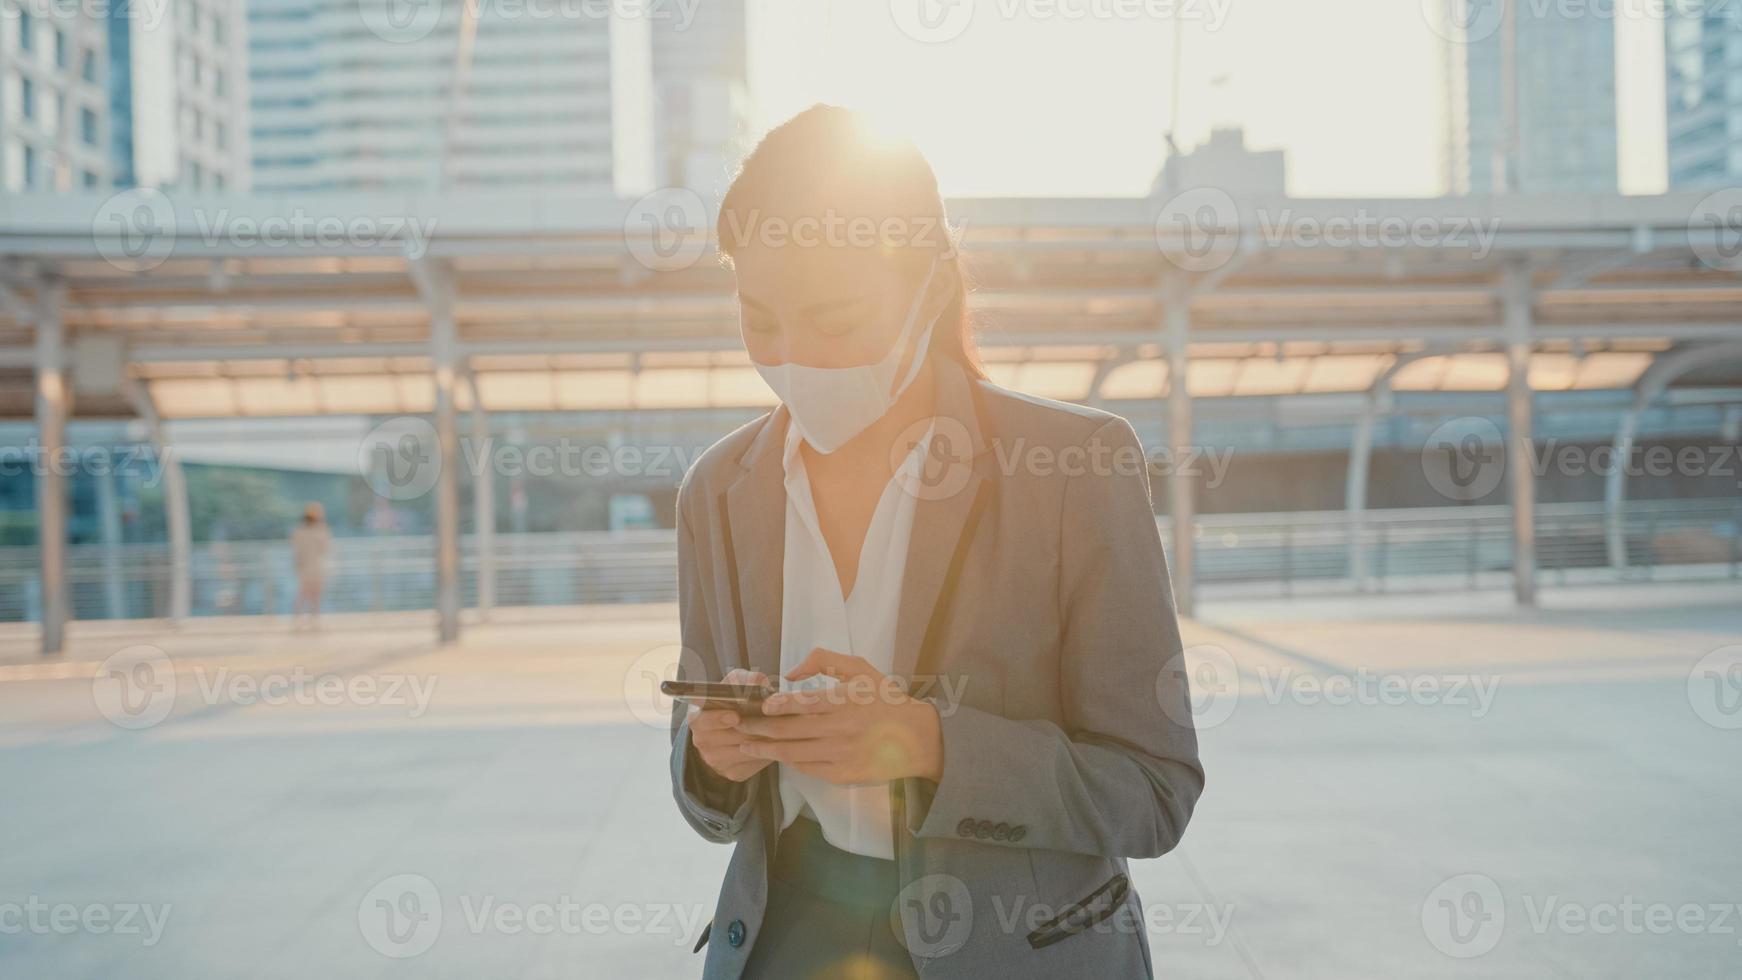 Junge asiatische Geschäftsfrau in modischer Bürokleidung trägt eine medizinische Gesichtsmaske mit dem Telefon, während sie allein im Freien in der Stadt spazieren geht. Geschäft unterwegs, soziale Distanzierung, um die Ausbreitung des Covid-19-Konzepts zu verhindern. foto